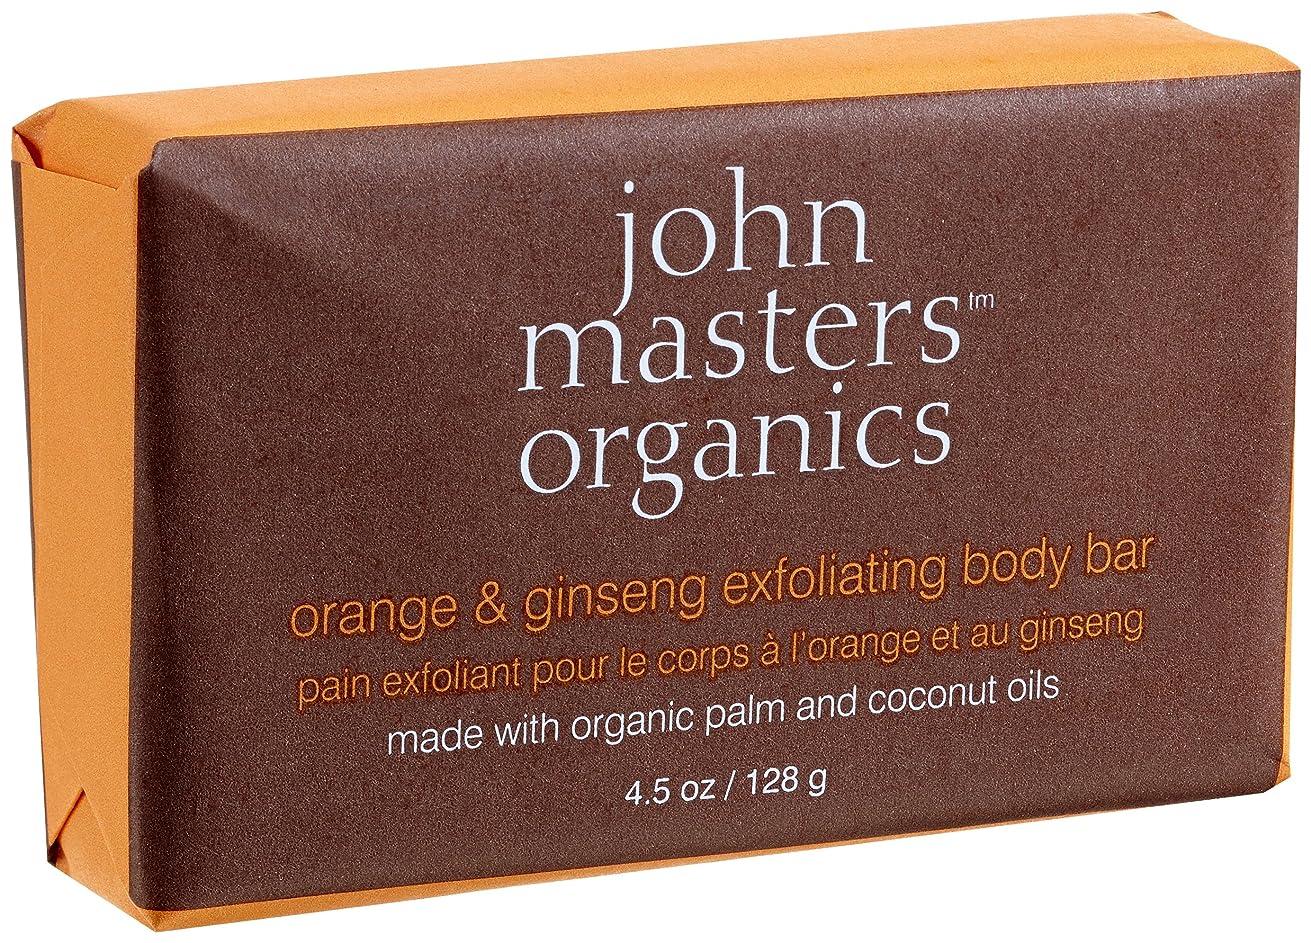 ボーカル毎週プレフィックスジョンマスターオーガニック オレンジ&ジンセンエクスフォリエイティングボディソープ 128g